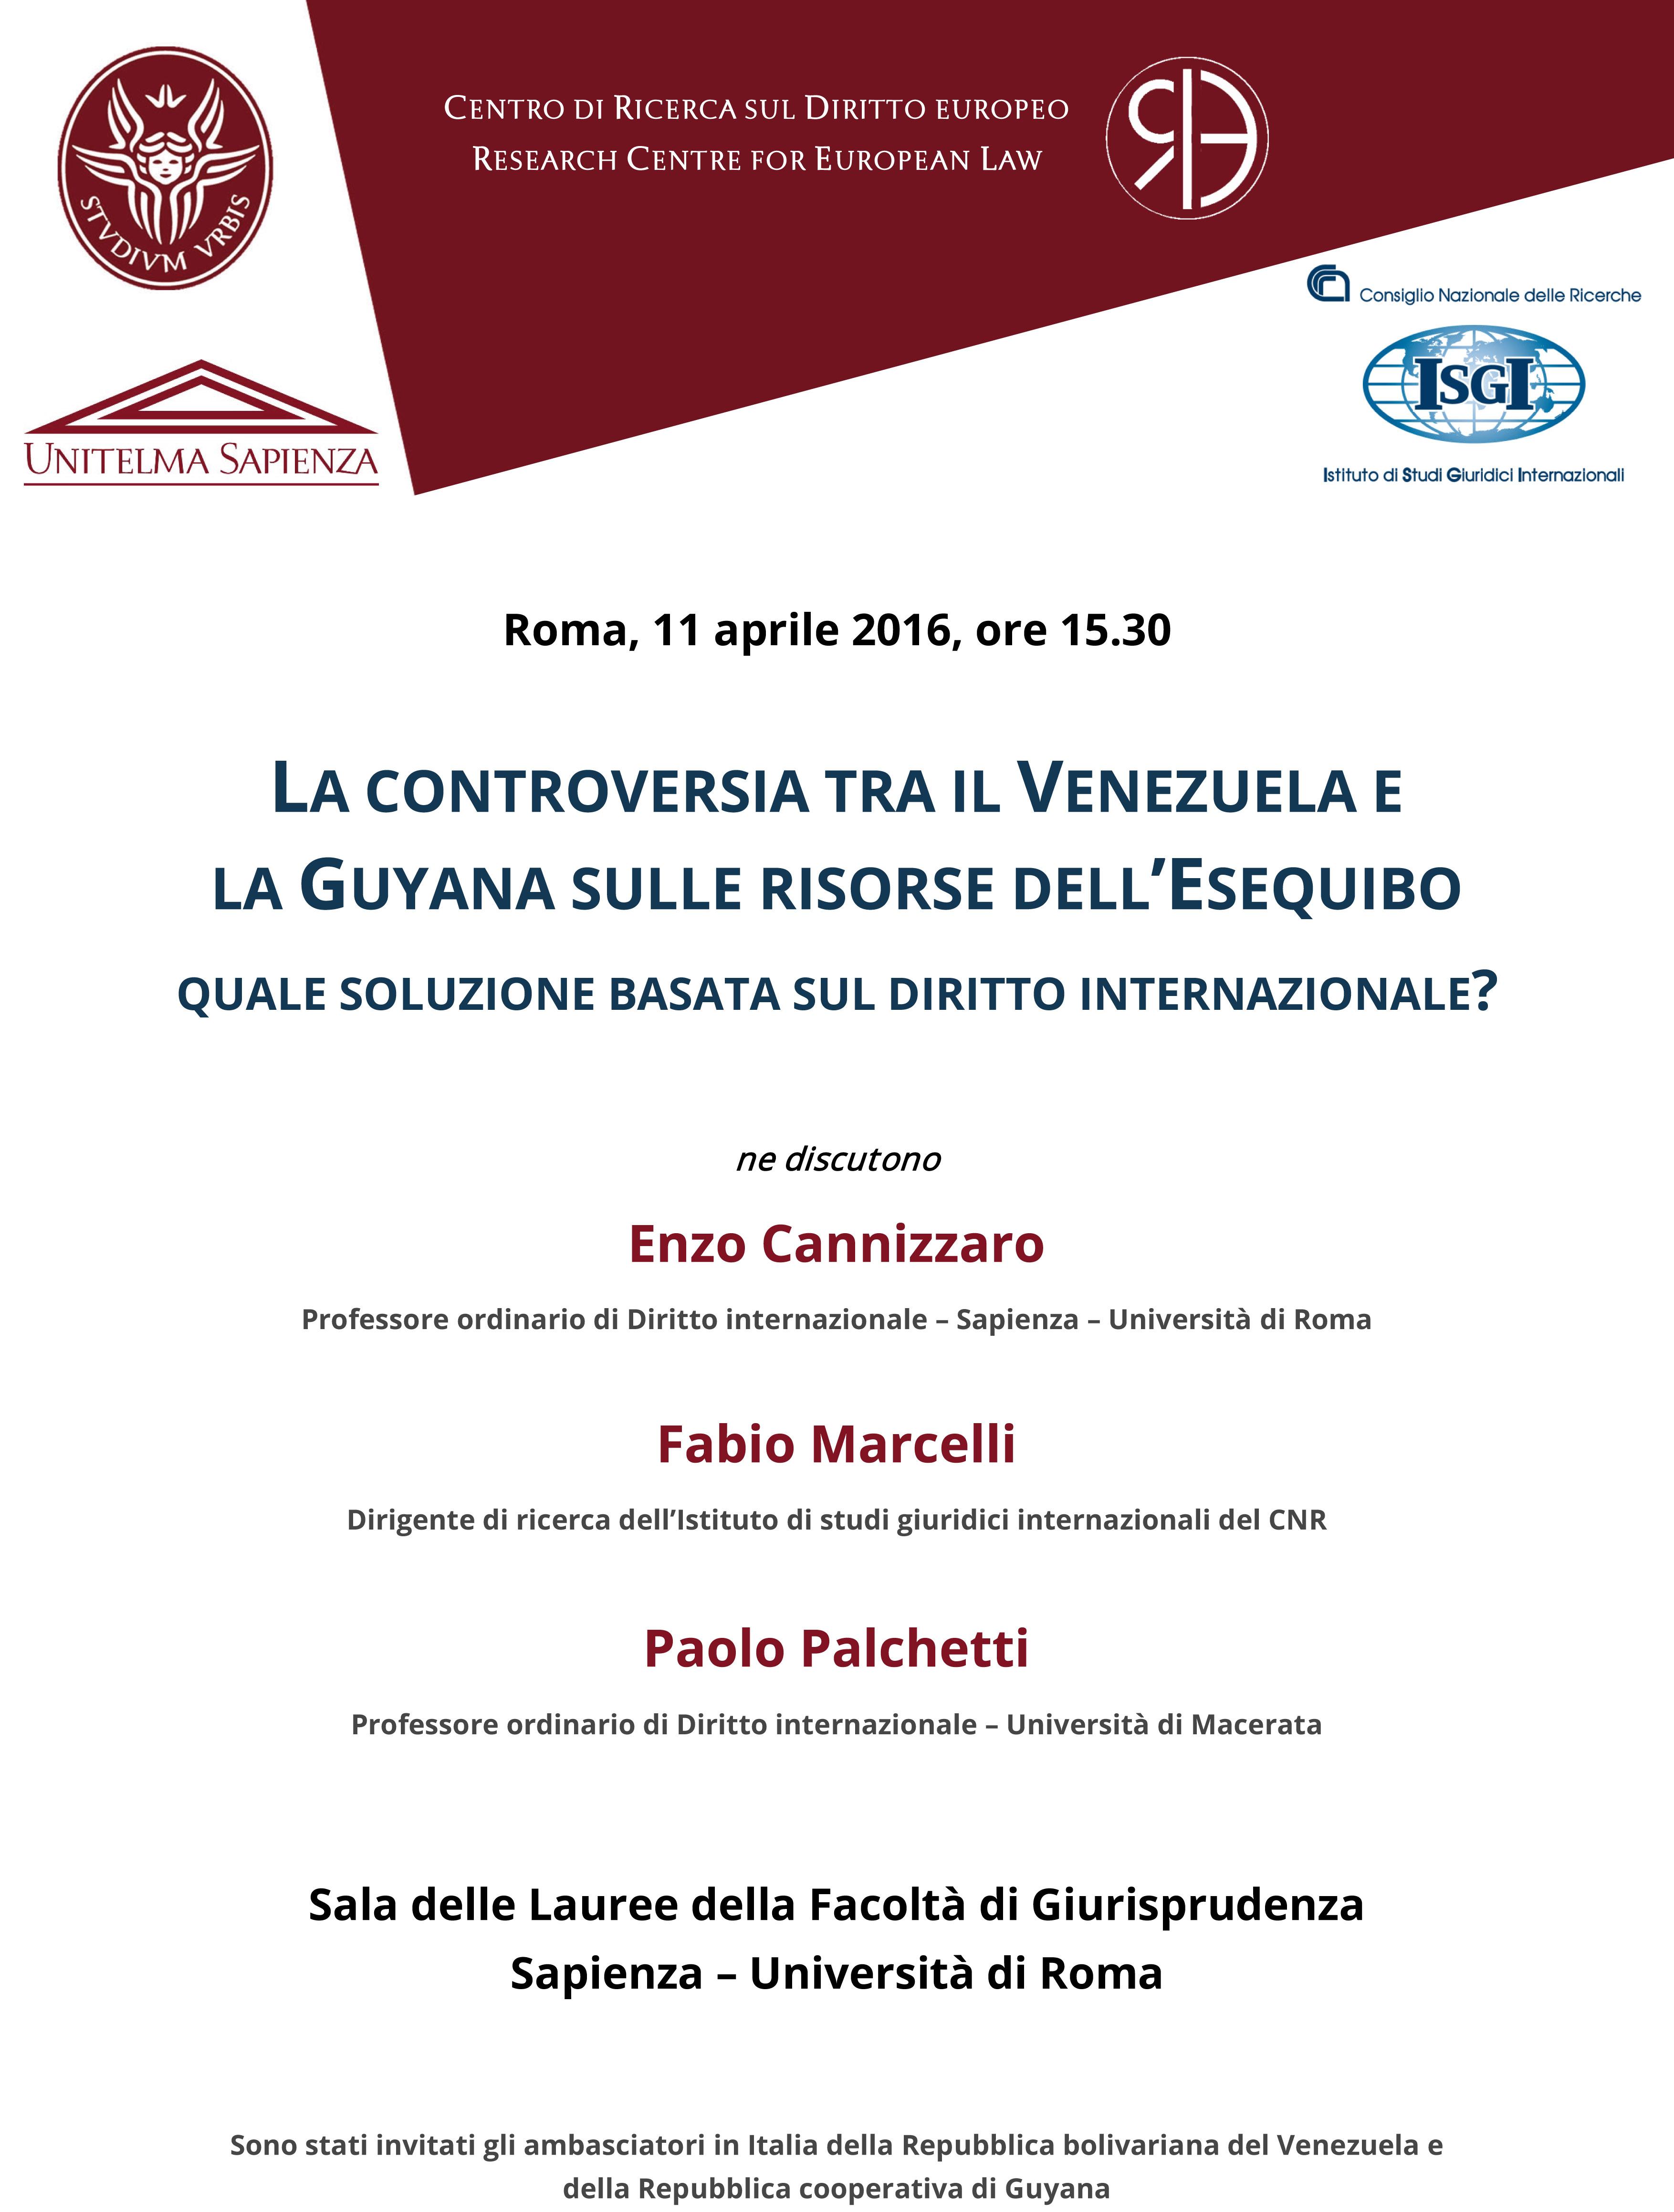 La controversia tra il Venezuela e la Guyana sulle risorse dell'Esequibo. Quale soluzione basata sul diritto internazionale? 11 aprile 2016, Roma